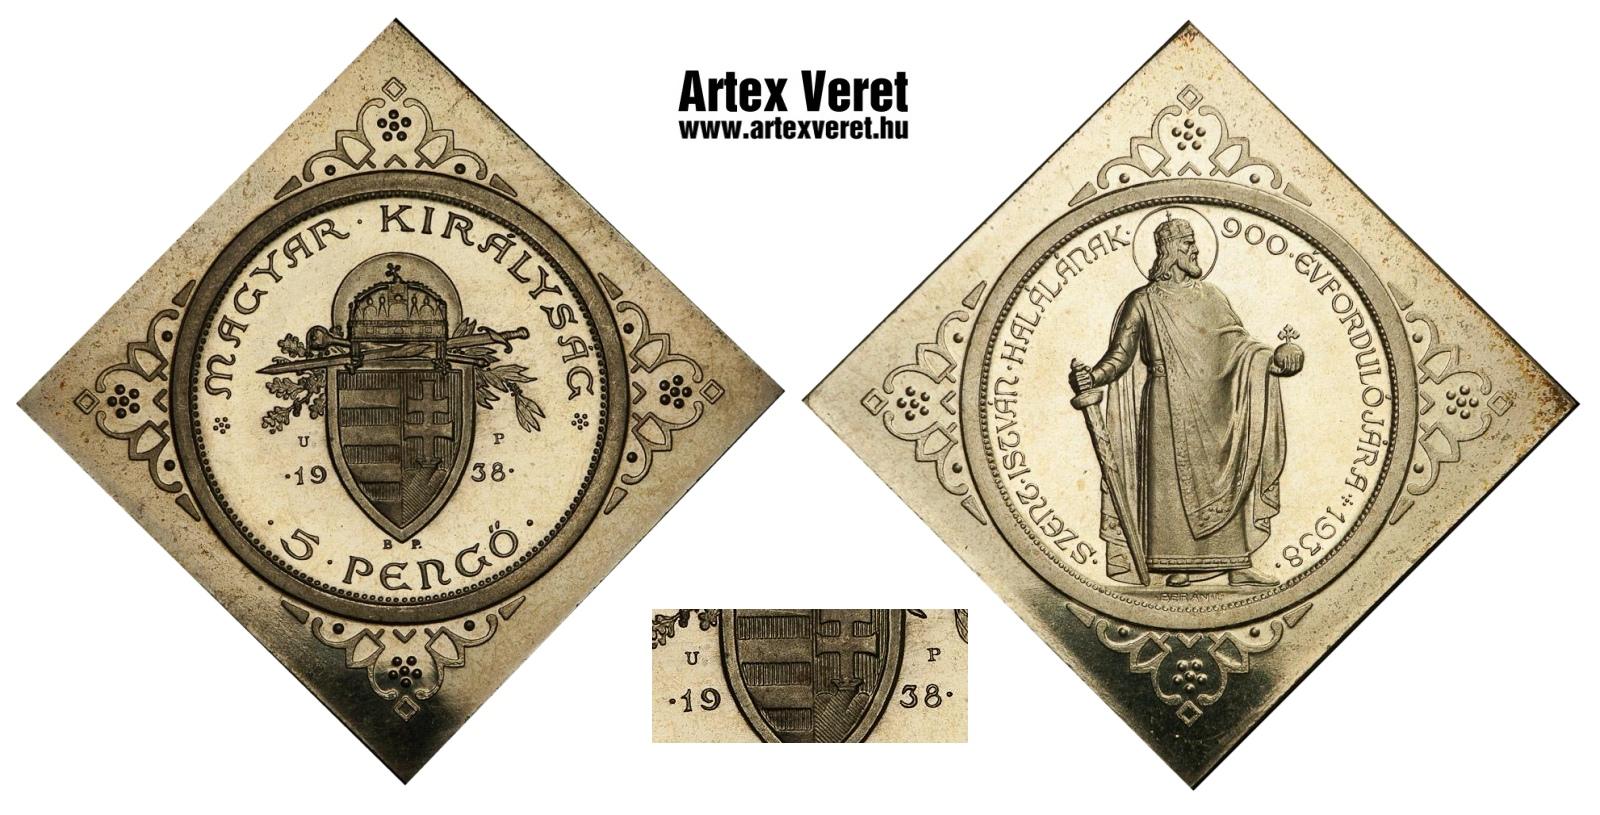 http://www.artexveret.hu/csegely/www_artexveret_hu_ezust_allo-szent-istvan_1938_up_csegely_5_pengo.jpg